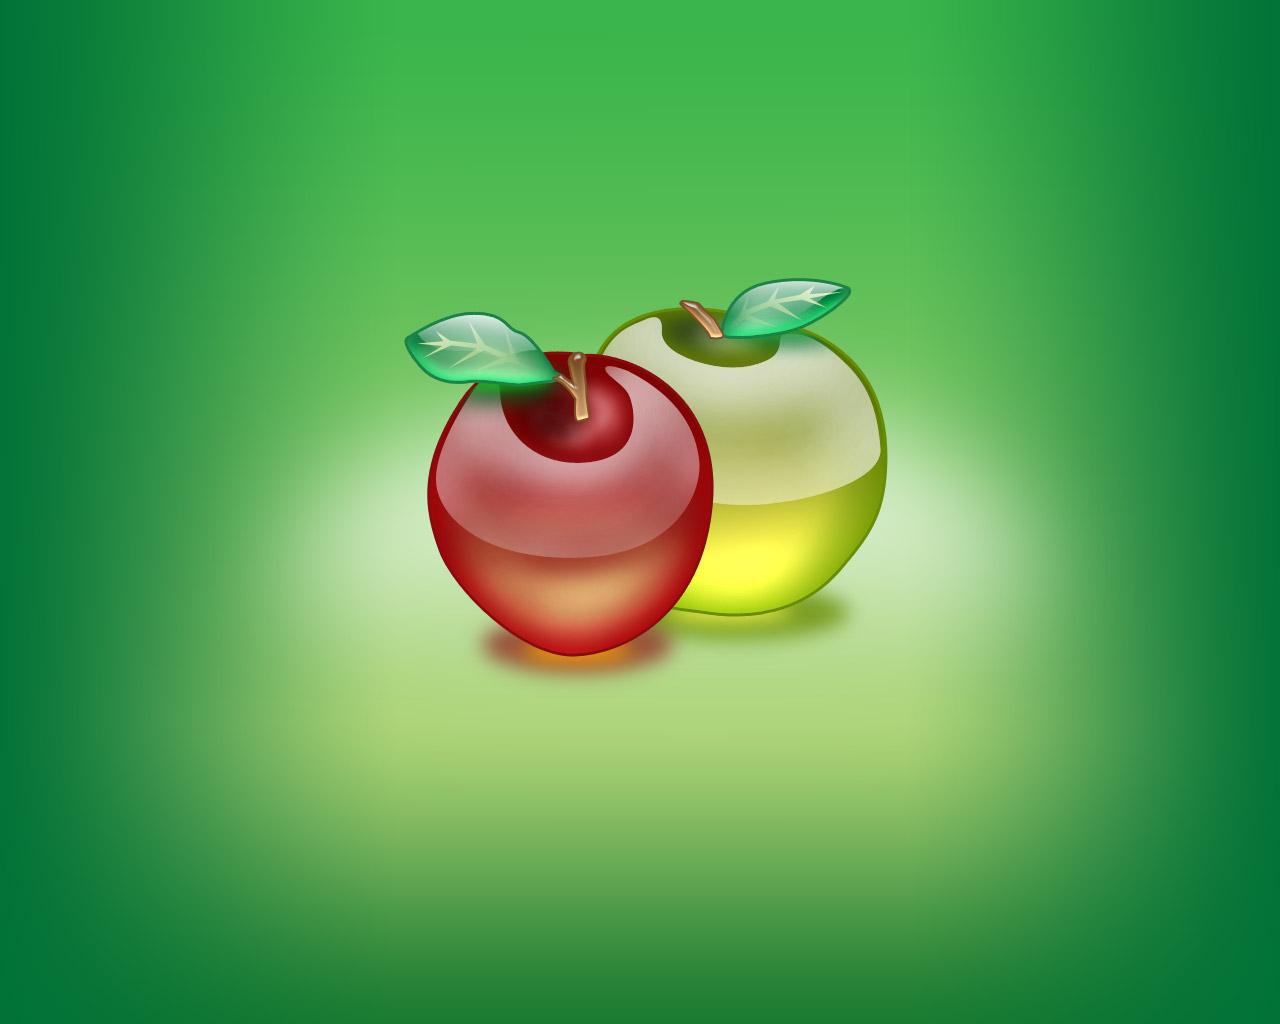 http://2.bp.blogspot.com/-sxnXzE7TMw0/TmLtP74CR9I/AAAAAAAAFeY/wza3w88aknY/s1600/Aqua+Apple+10.jpg